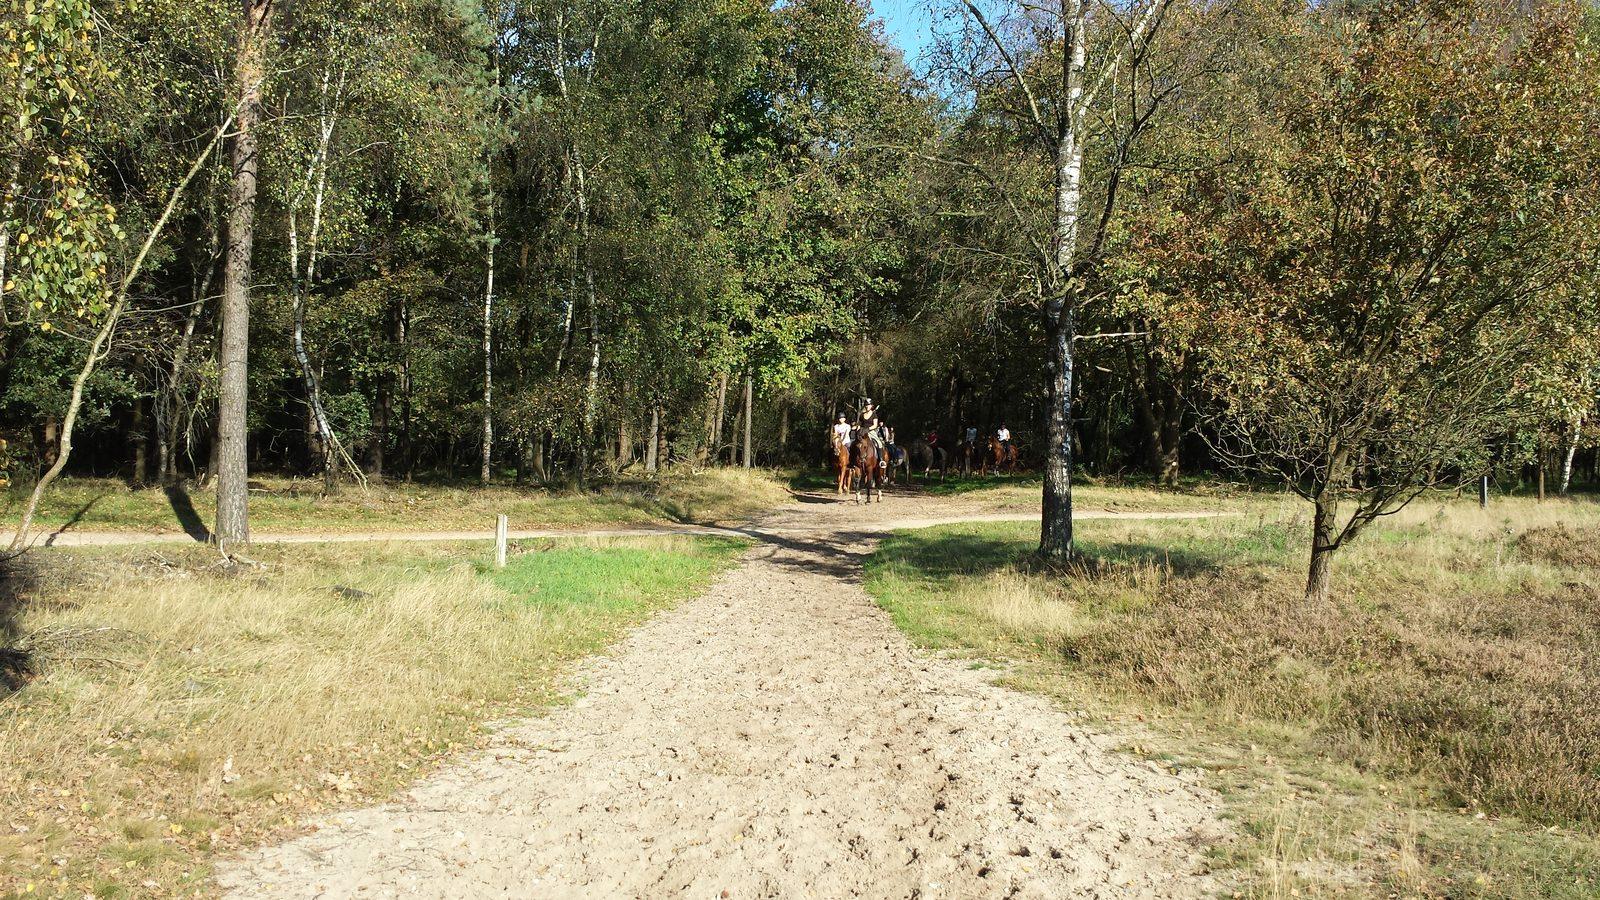 Horseback riding on holiday